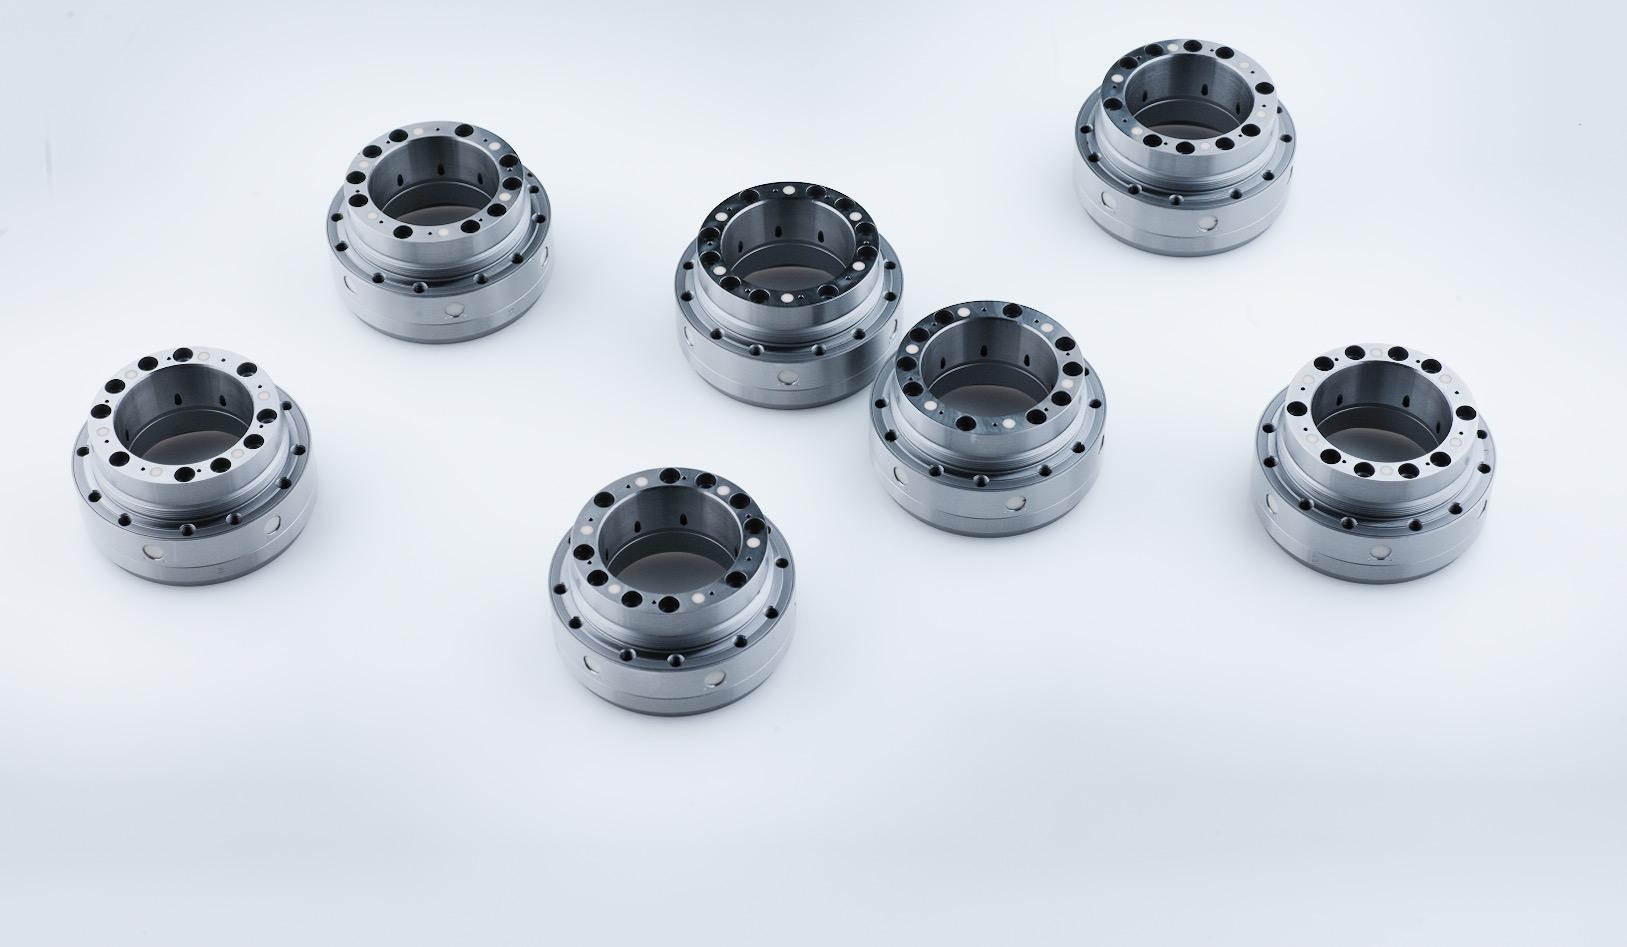 OTT-JAKOB - Unternehmen - Bild - Weiterentwicklung der innovativen PLANKO-Technologie